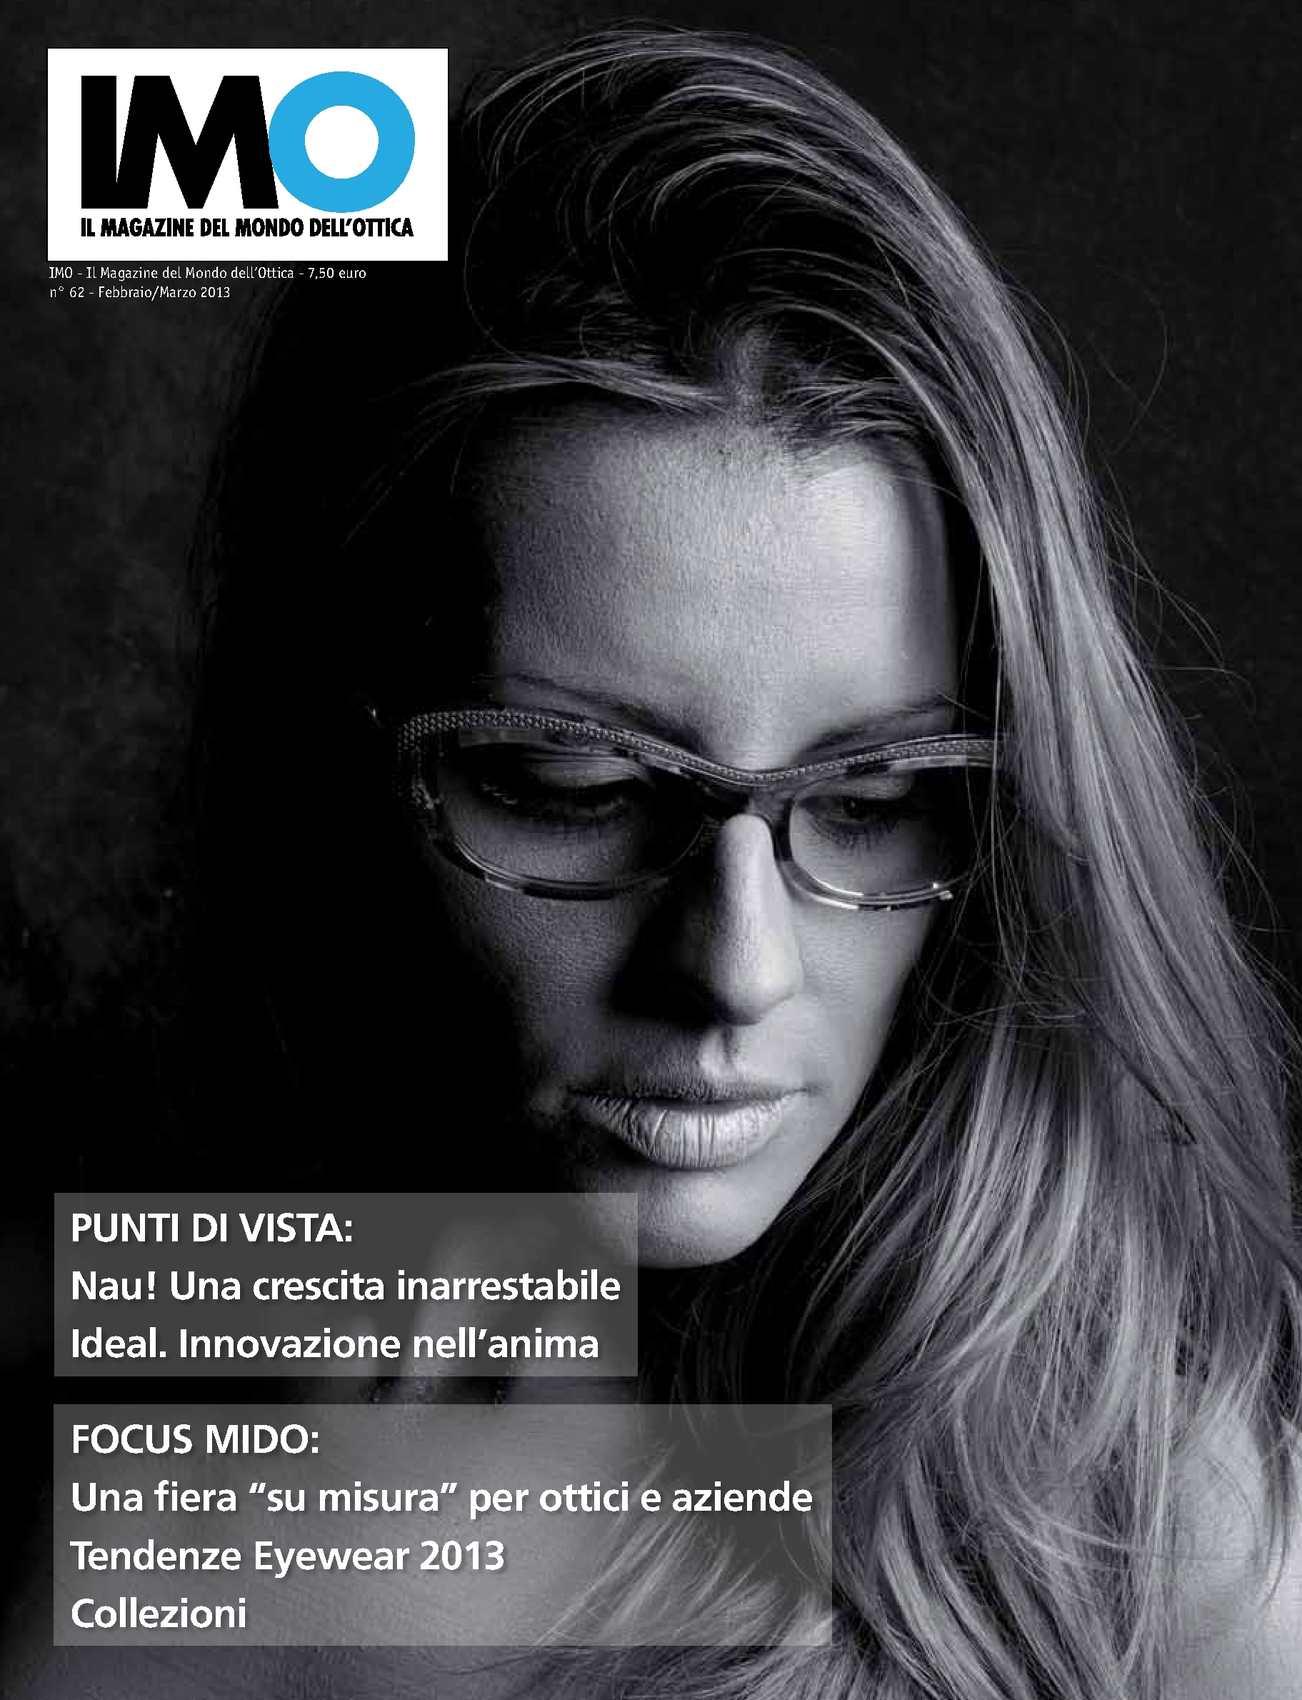 31f0db9307 Calaméo - IMO - Il Magazine del Mondo dell'Ottica n.62- febbraio/marzo 2013